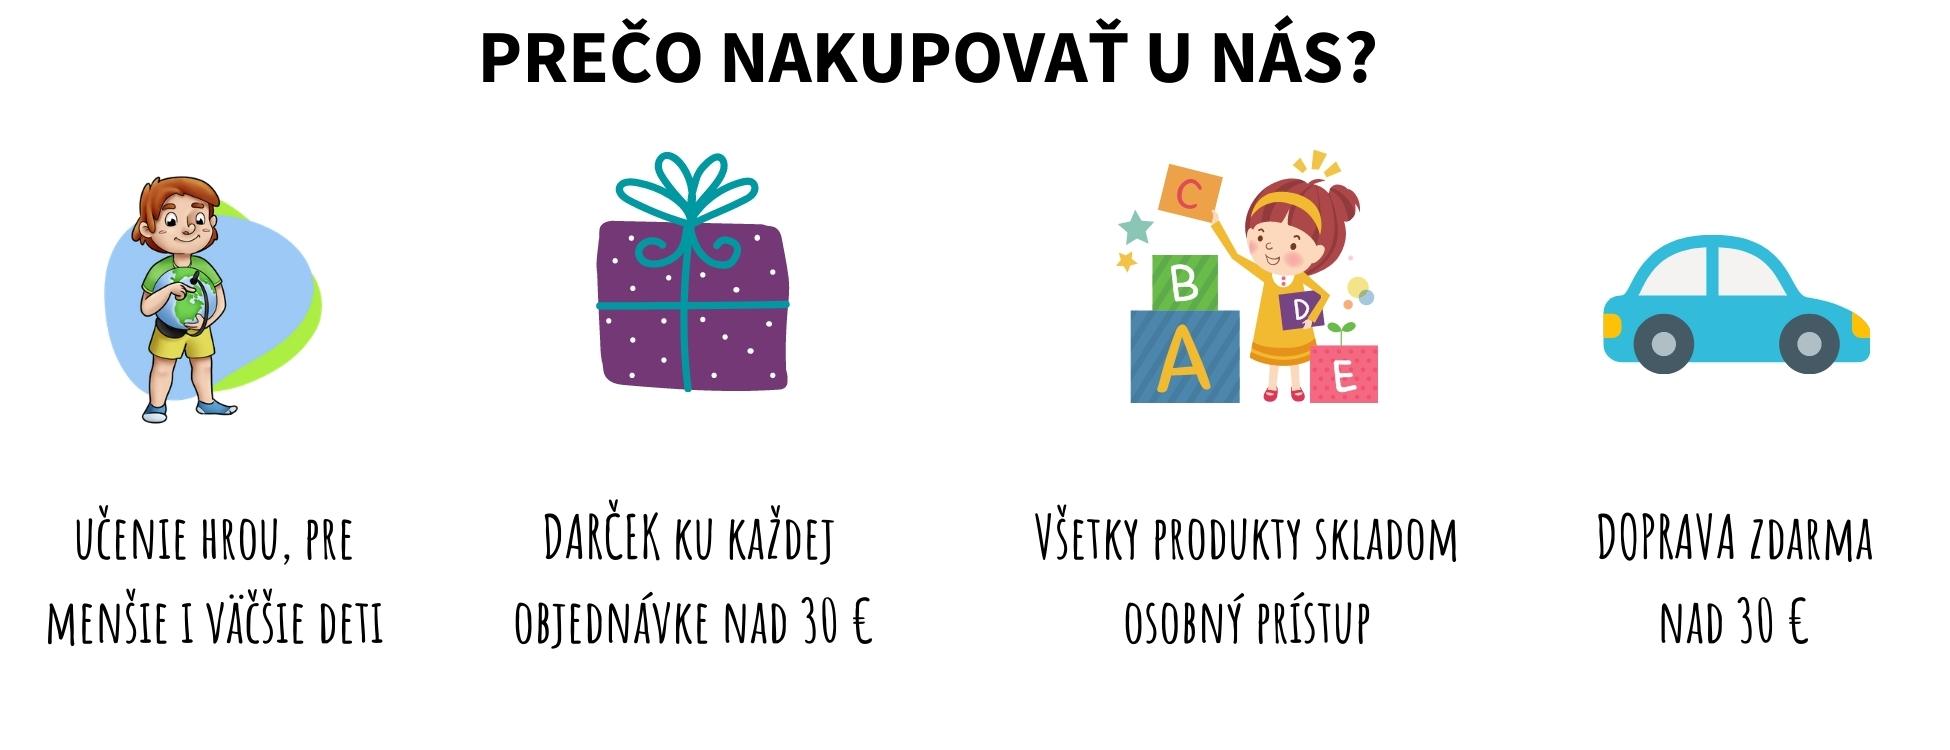 Preco_nakupovat_u-nas